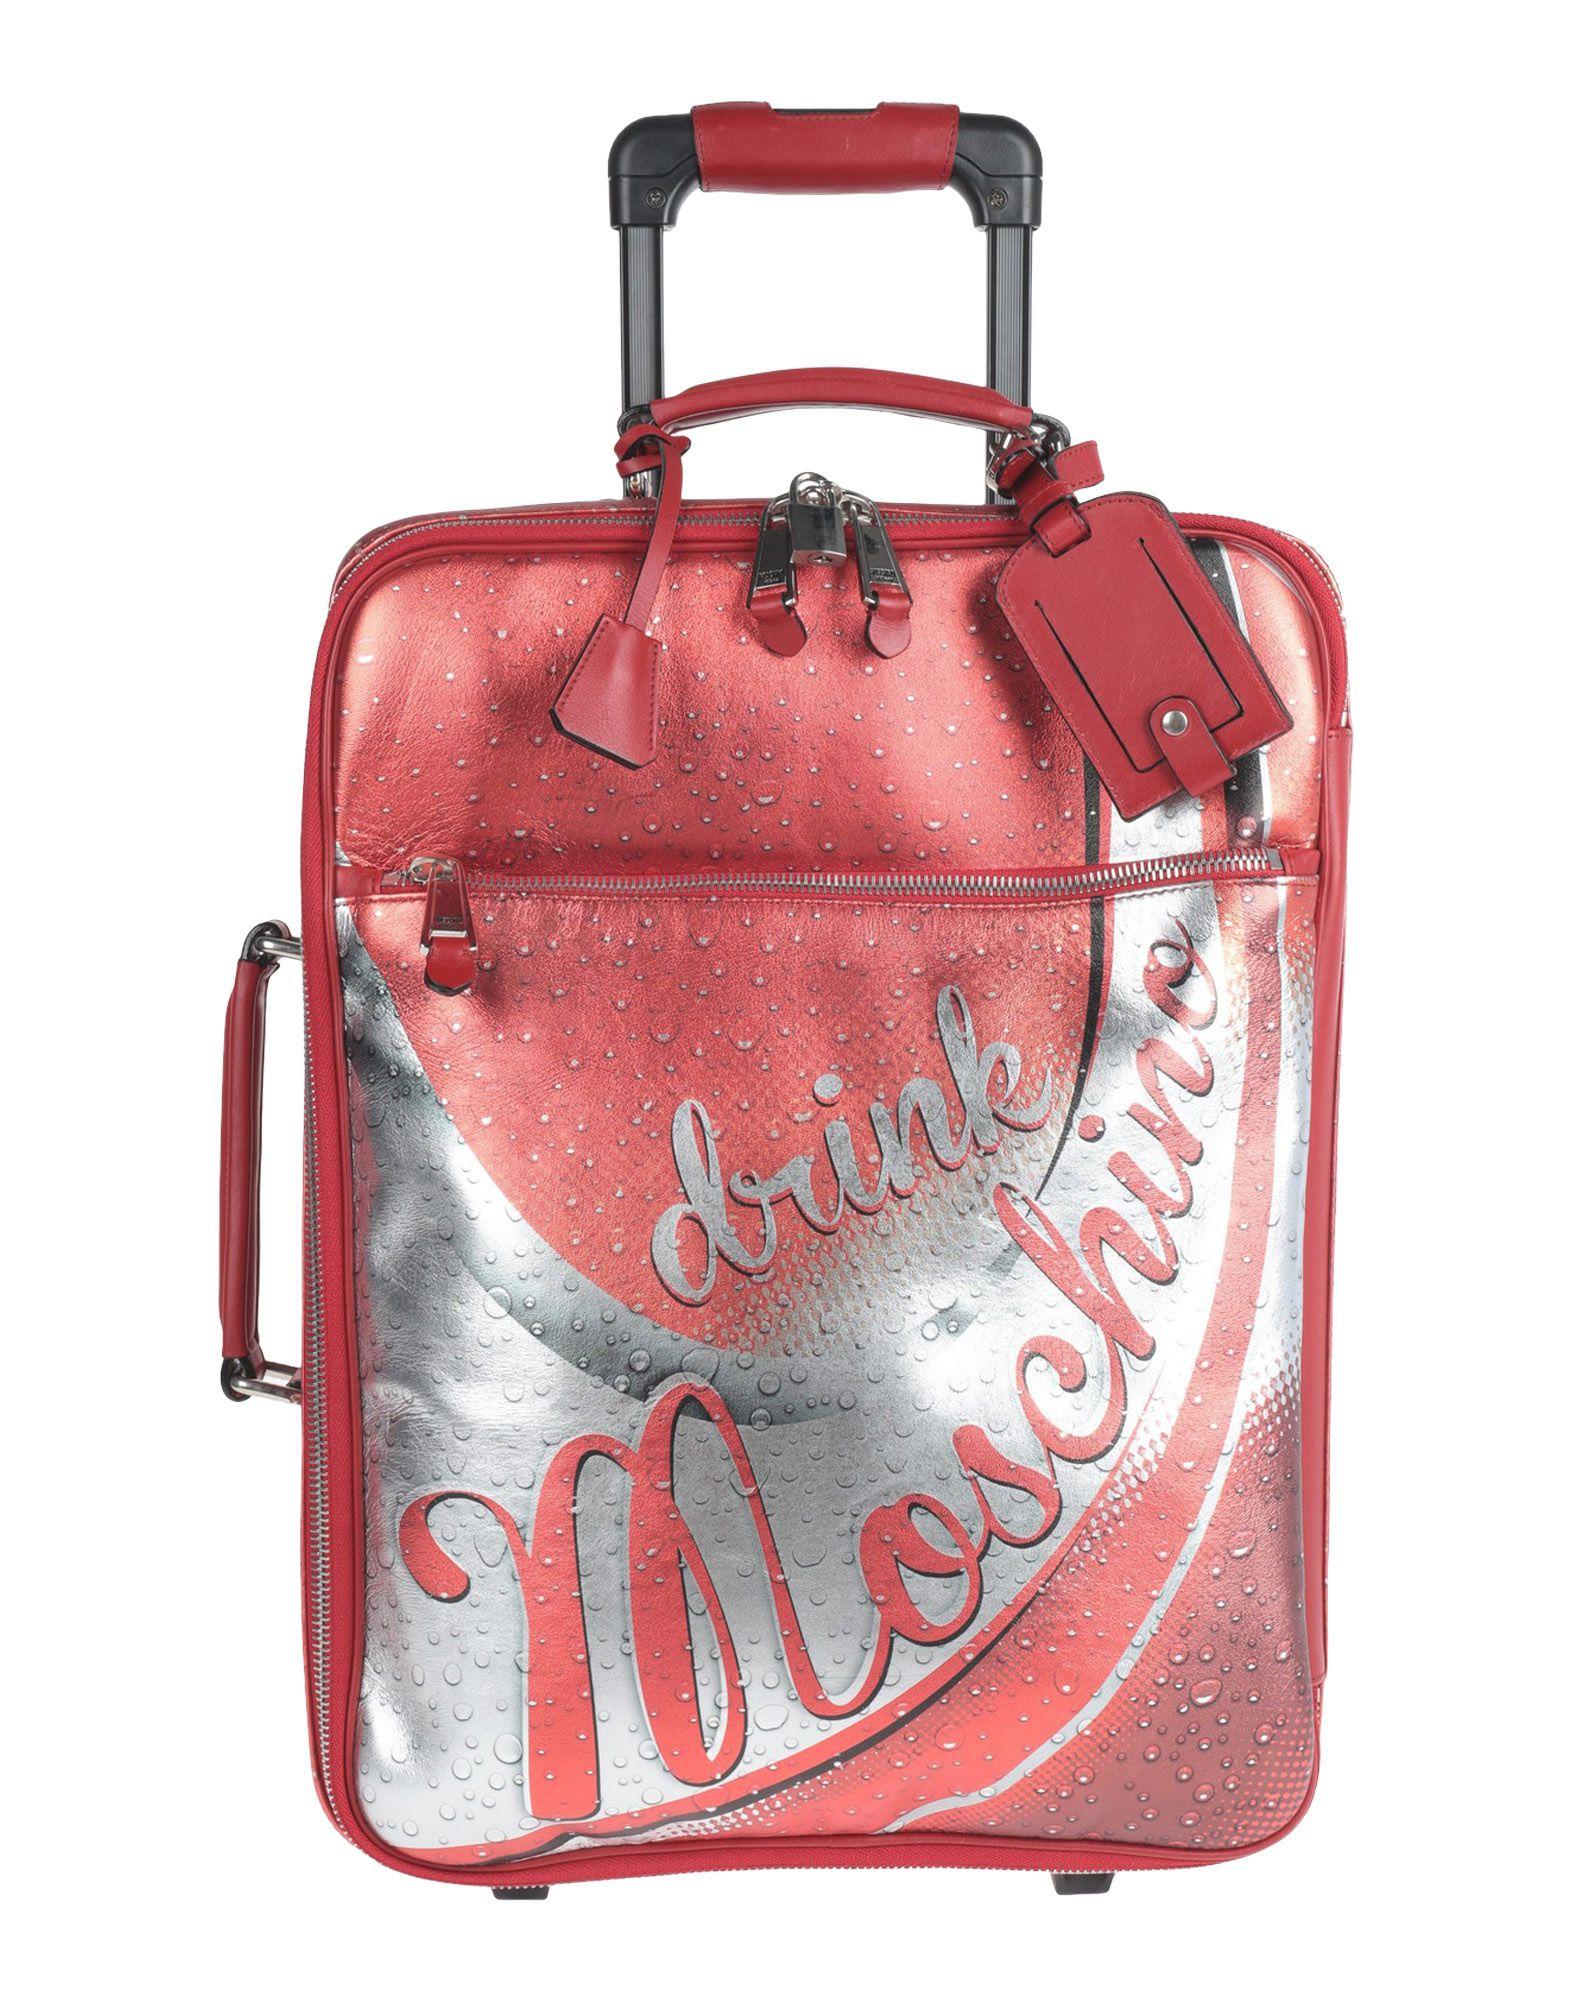 《期間限定セール中》MOSCHINO レディース キャスター付きバッグ レッド 革